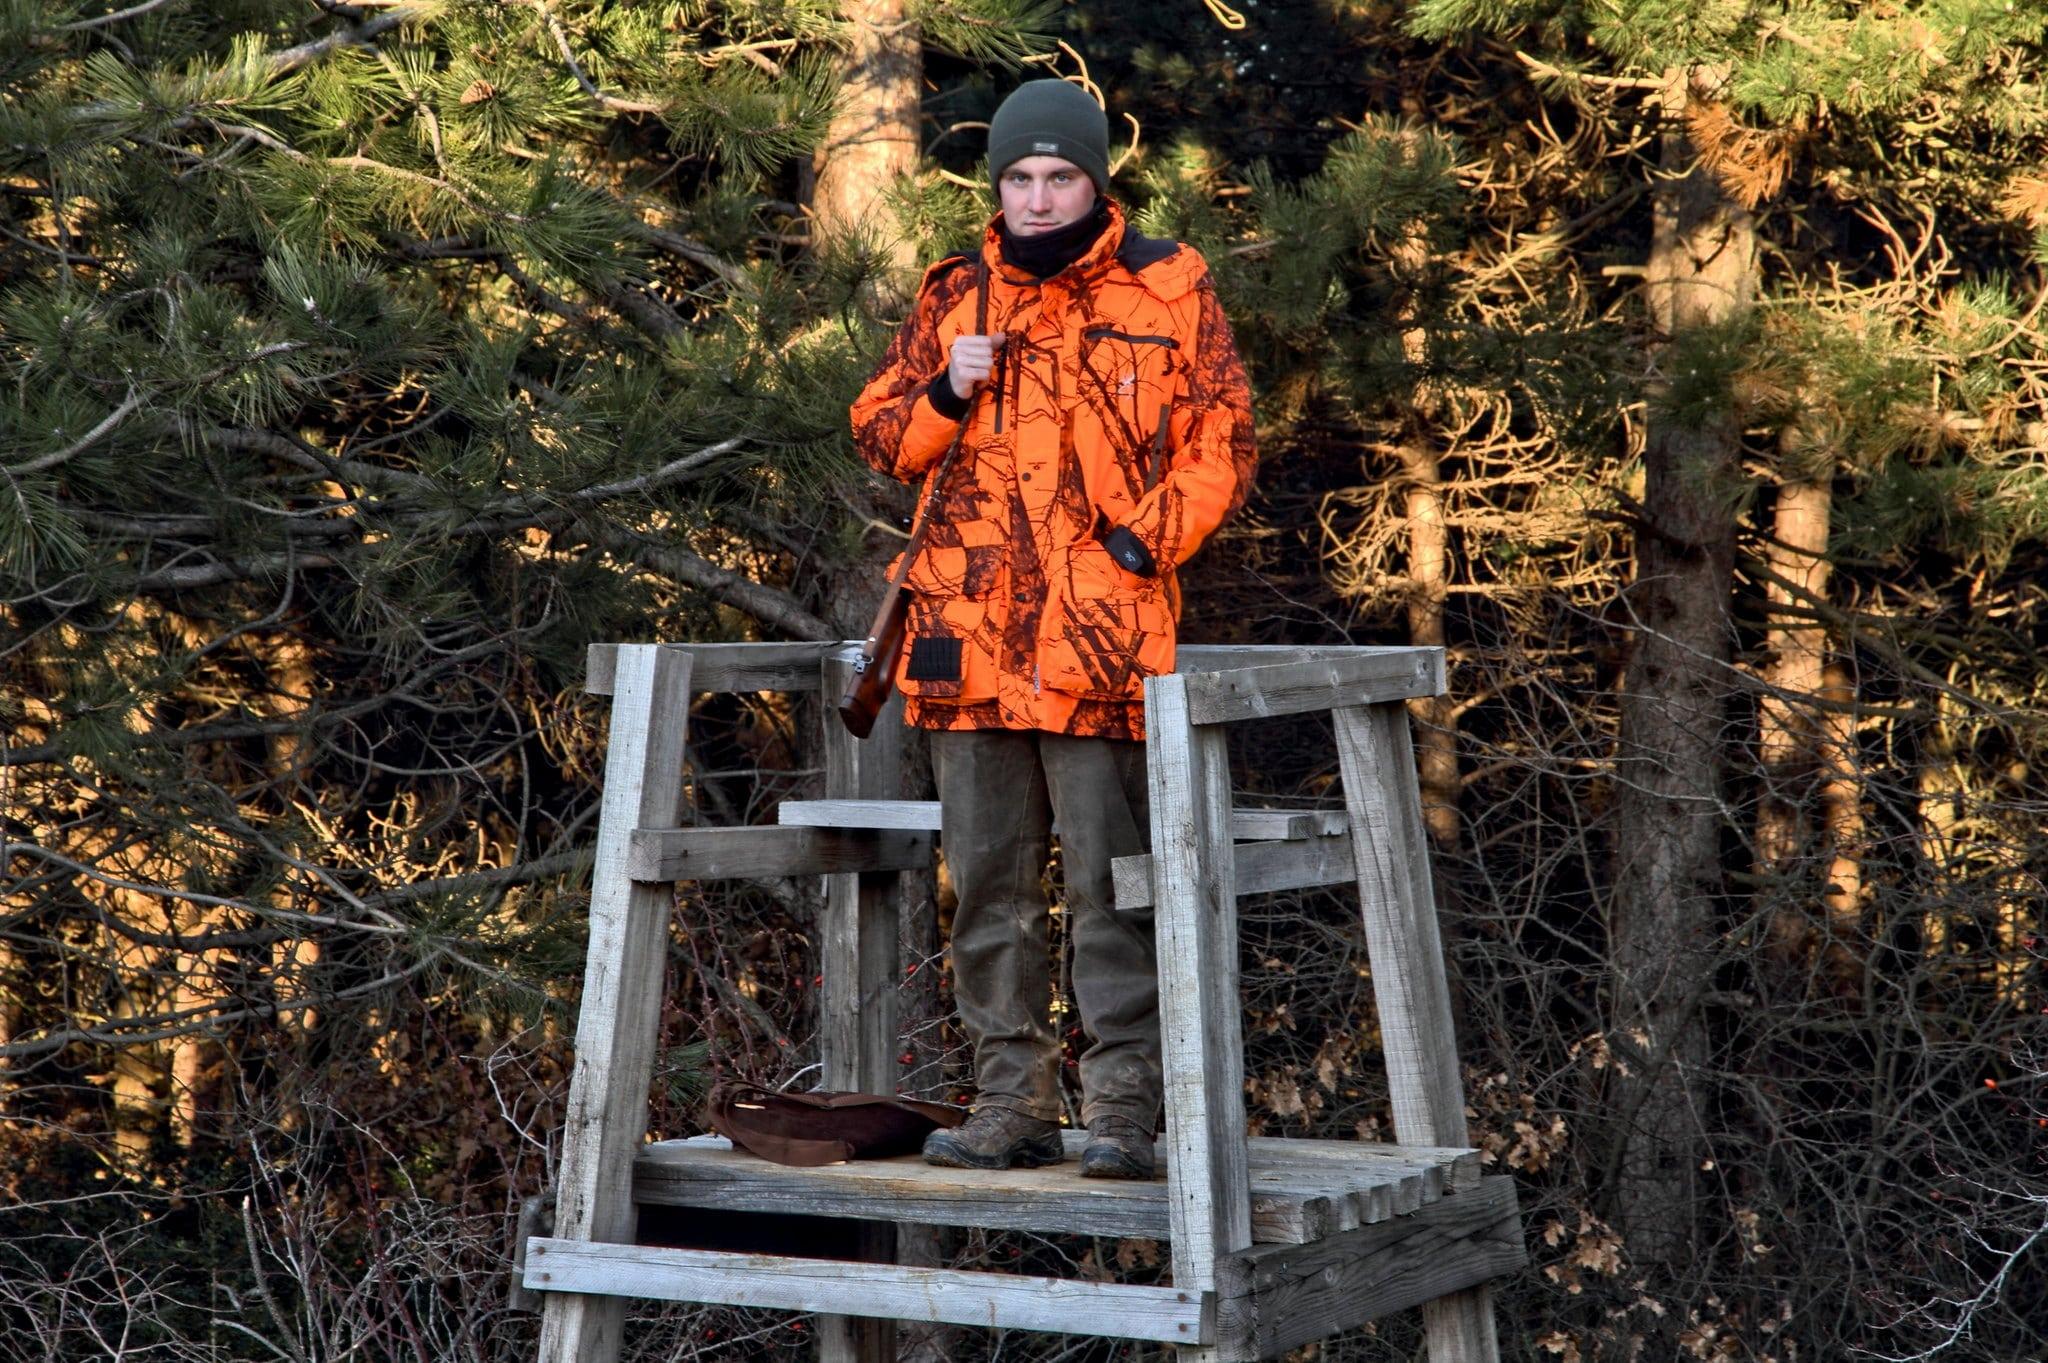 Hunter in Orange Jacket - PC The hunter via Flickr